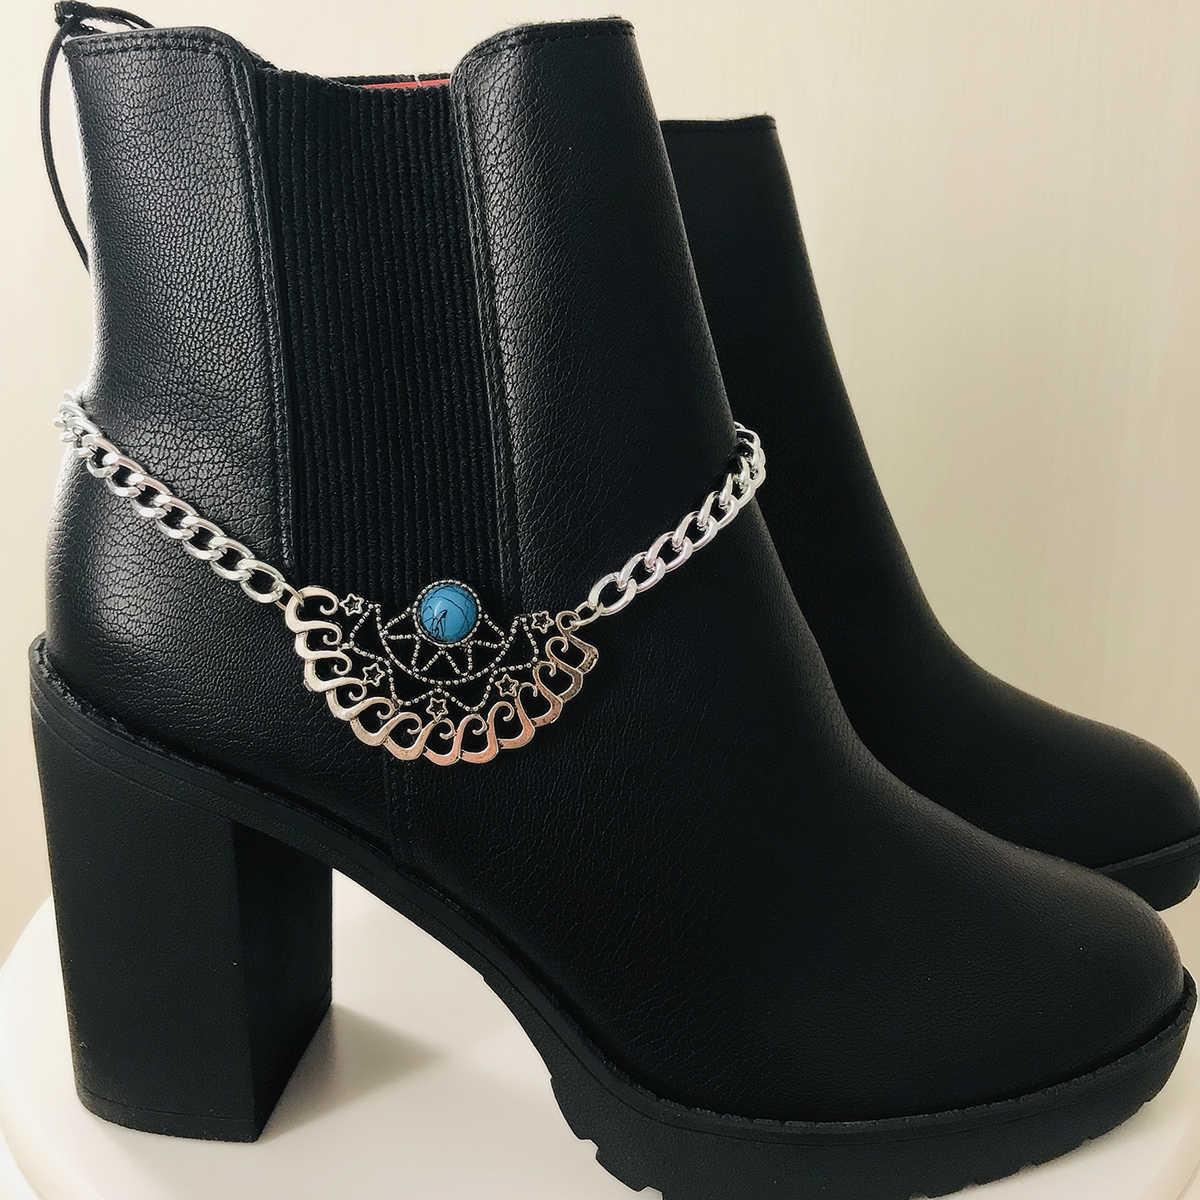 SHIXIN Vintage Takılar Mavi Taş Yarım Daire Ayakkabı Dekorasyon Halhal Bilezik Kadınlar için Modern Sandalet Yüksek Topuklu Çizmeler Zinciri Hediye